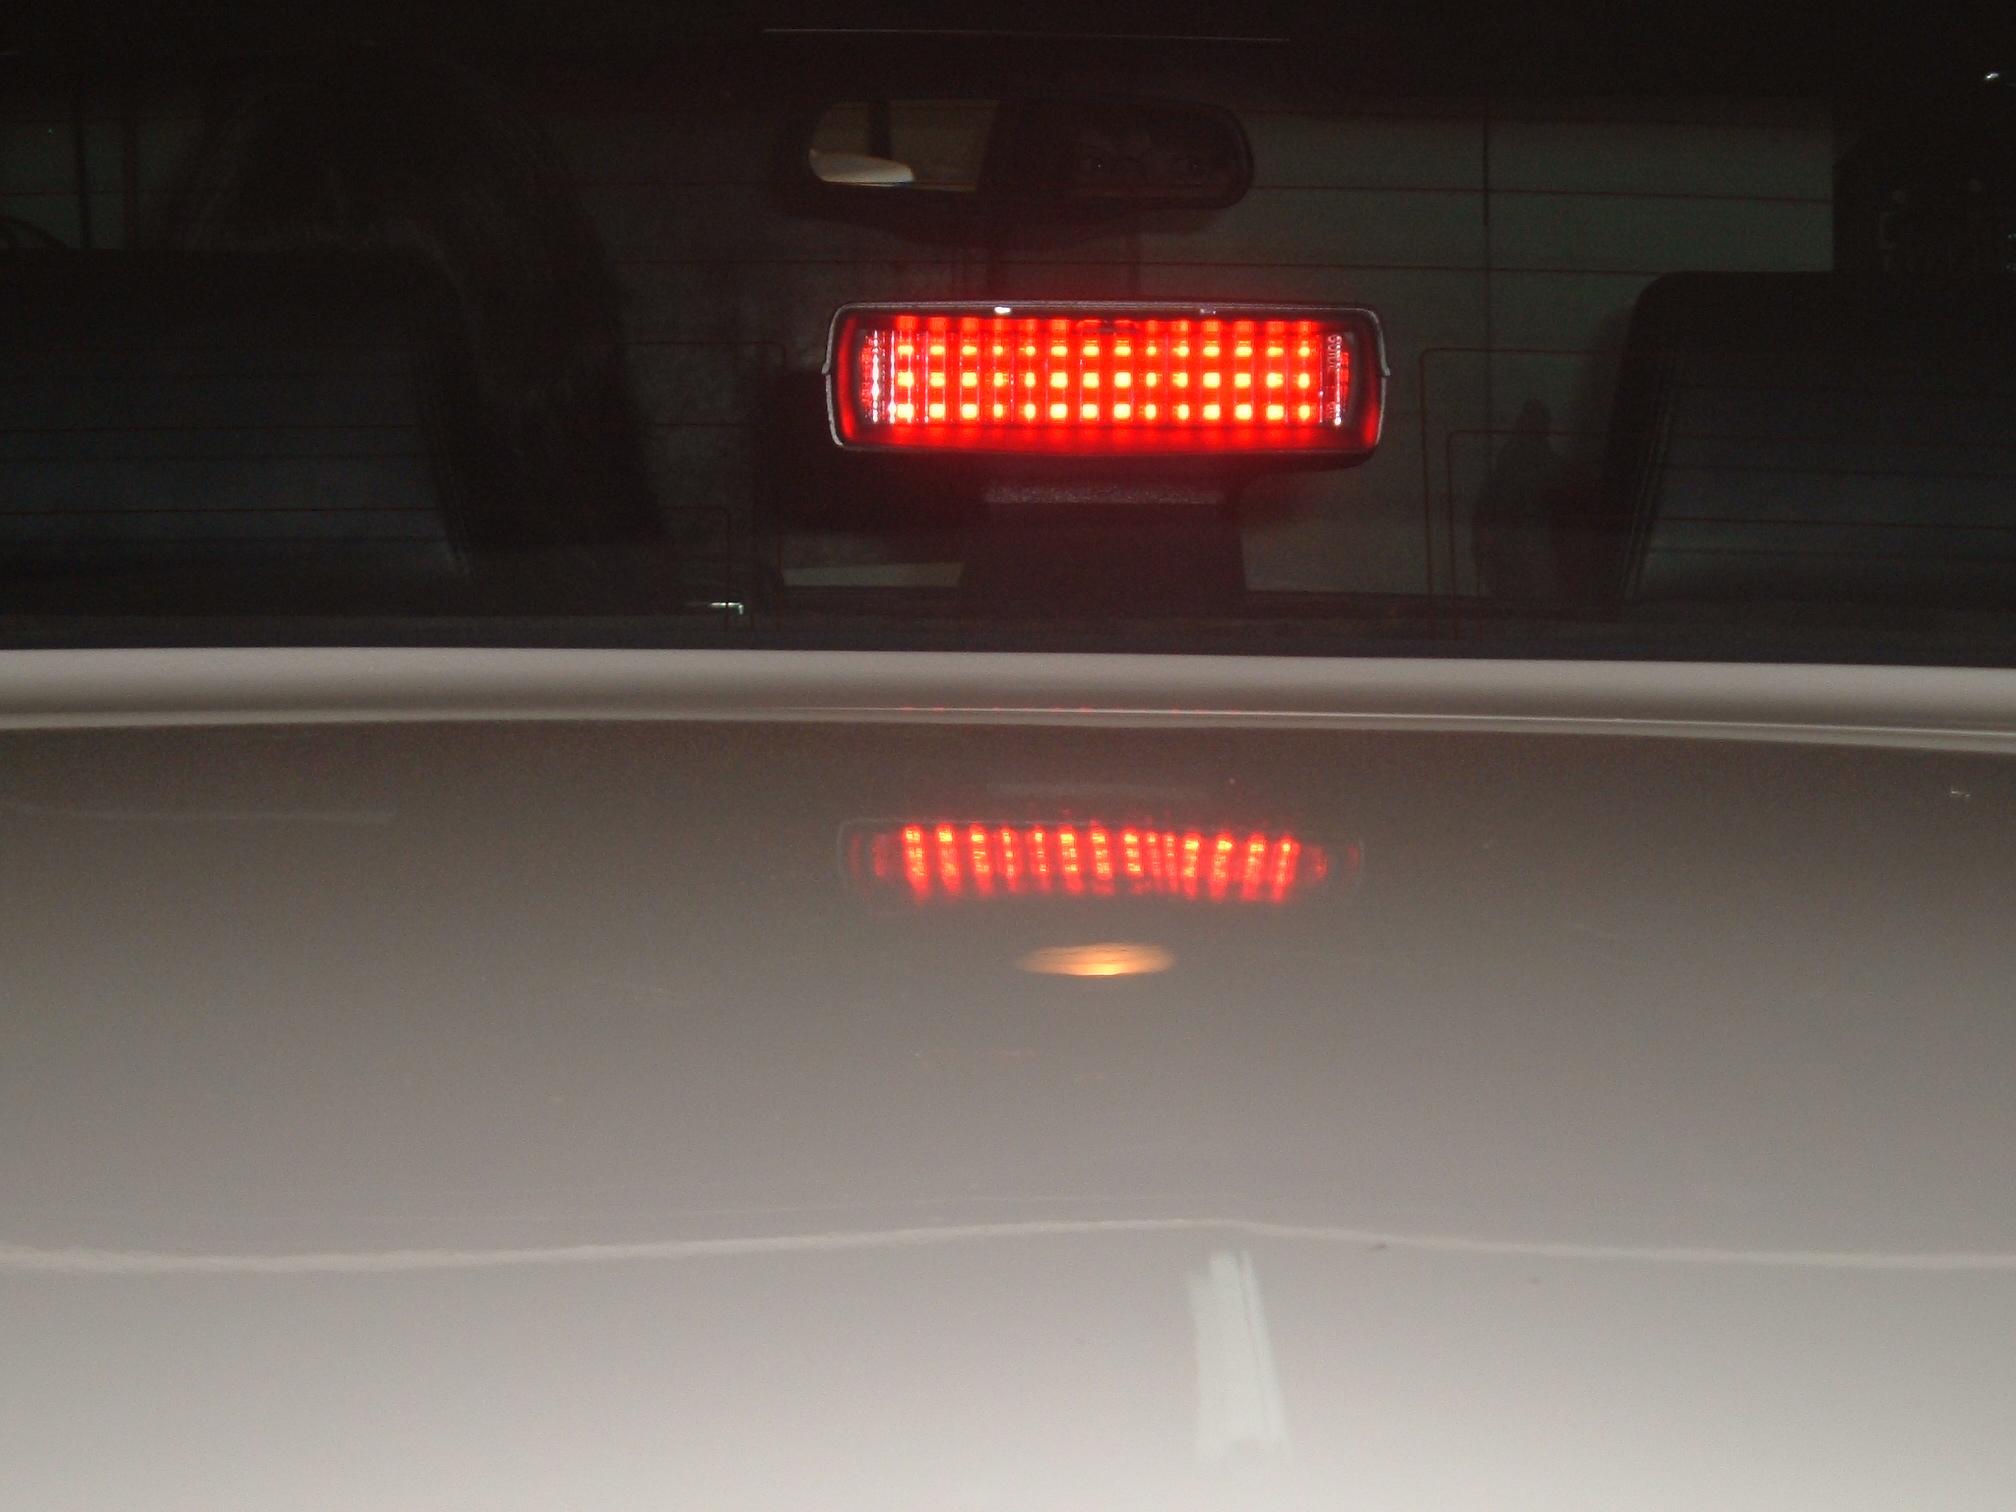 LED lights 006.jpg